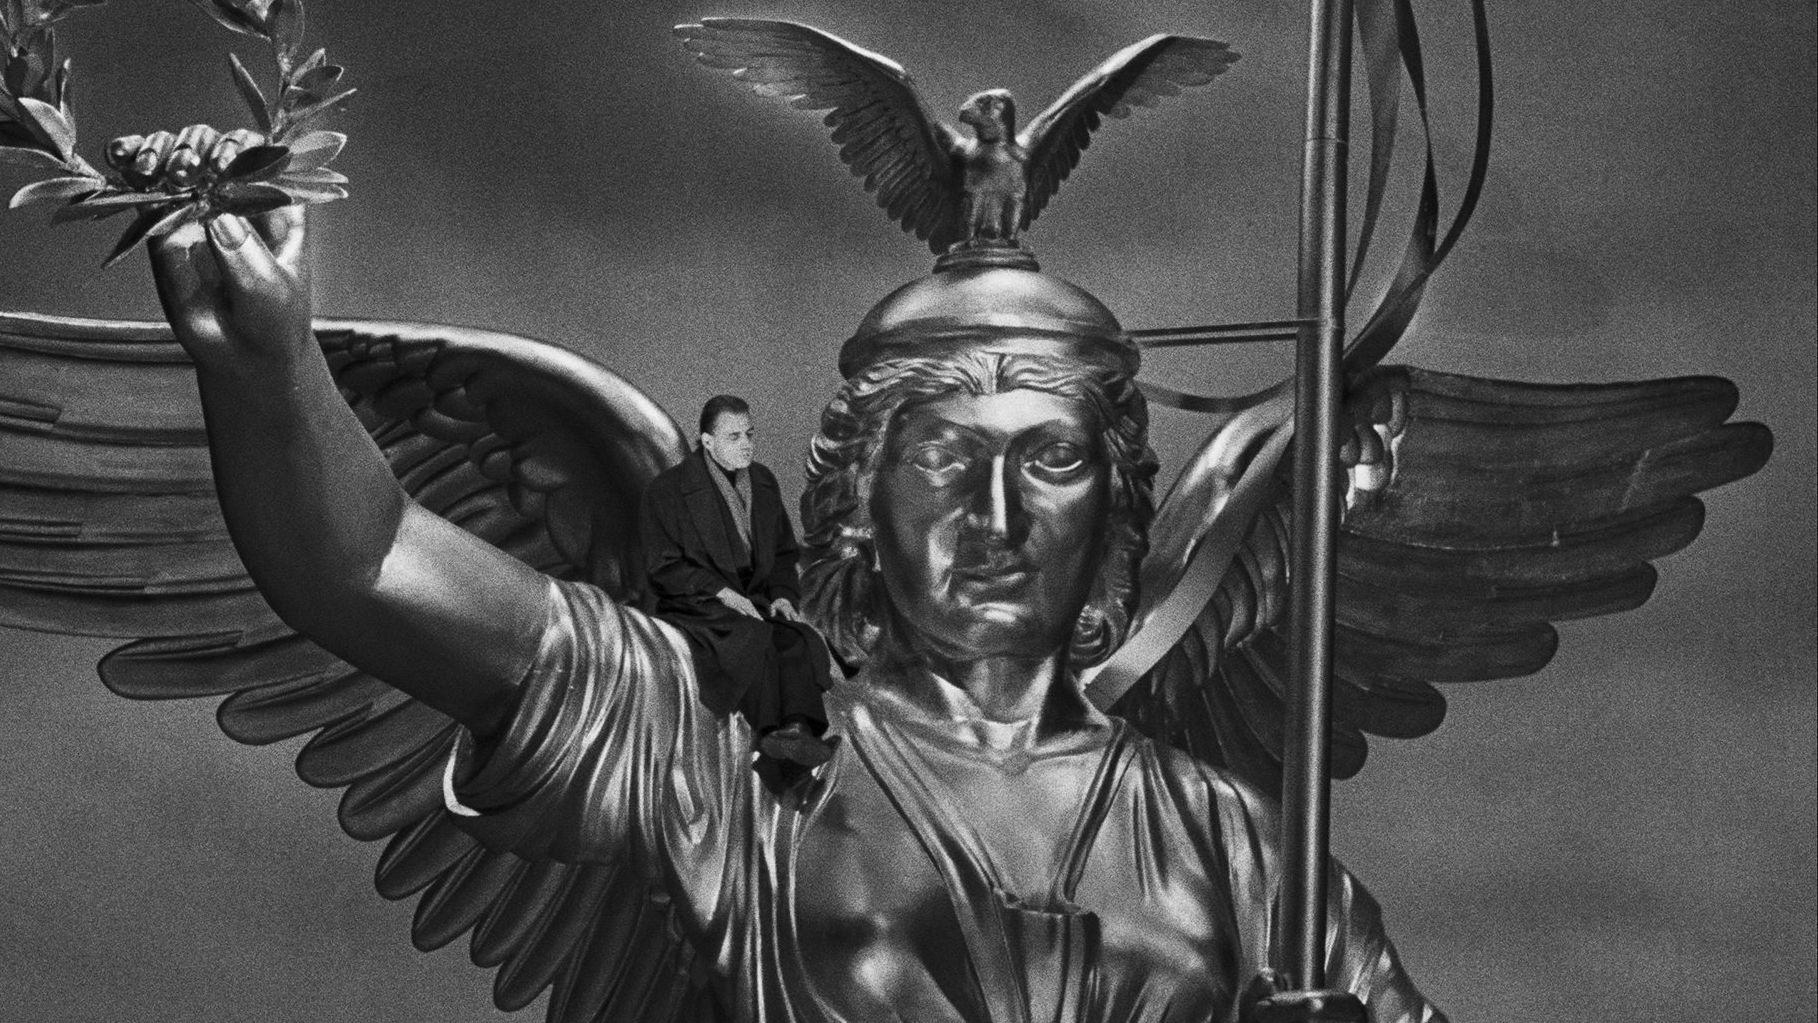 """Bruno Ganz auf der Siegessäule in Wim Wenders' """"Der Himmel über Berlin"""" (1987)"""